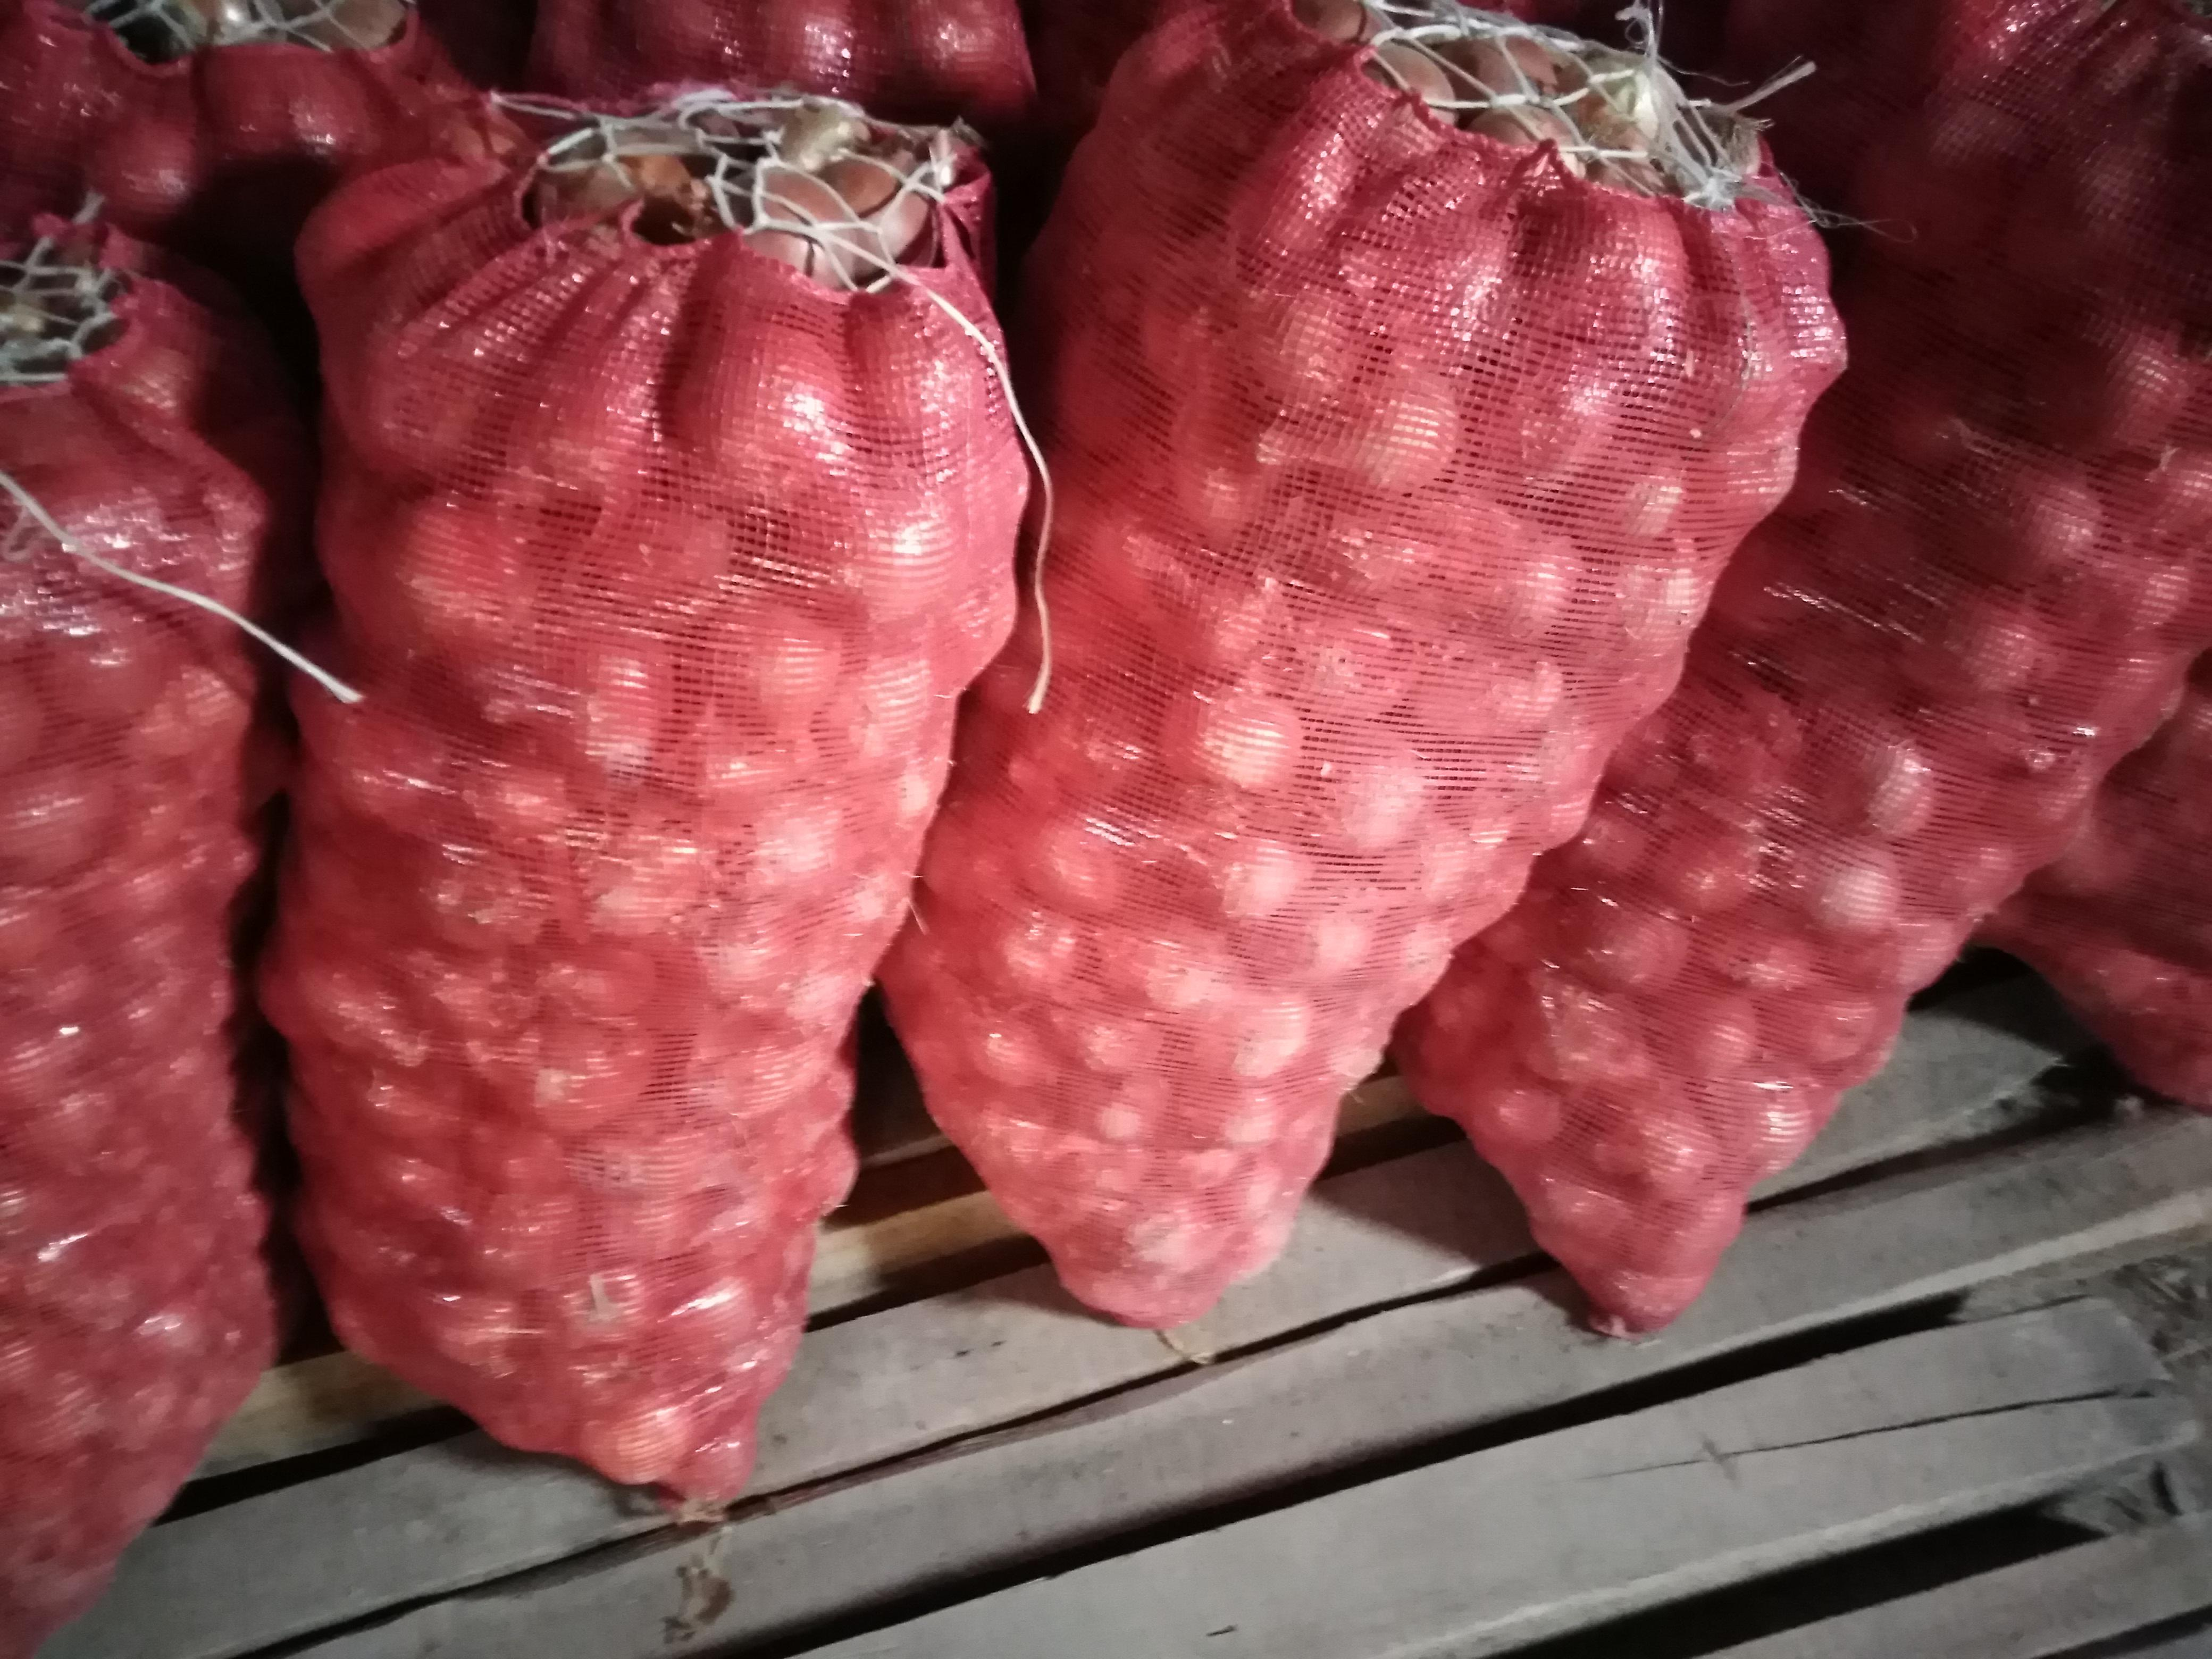 Kuru Soğan - Üretici Yakup Aksoy 1.2 tl fiyat ile 32.000 kilogram soçi 16 çeşidi kuru soğan satmak istiyor